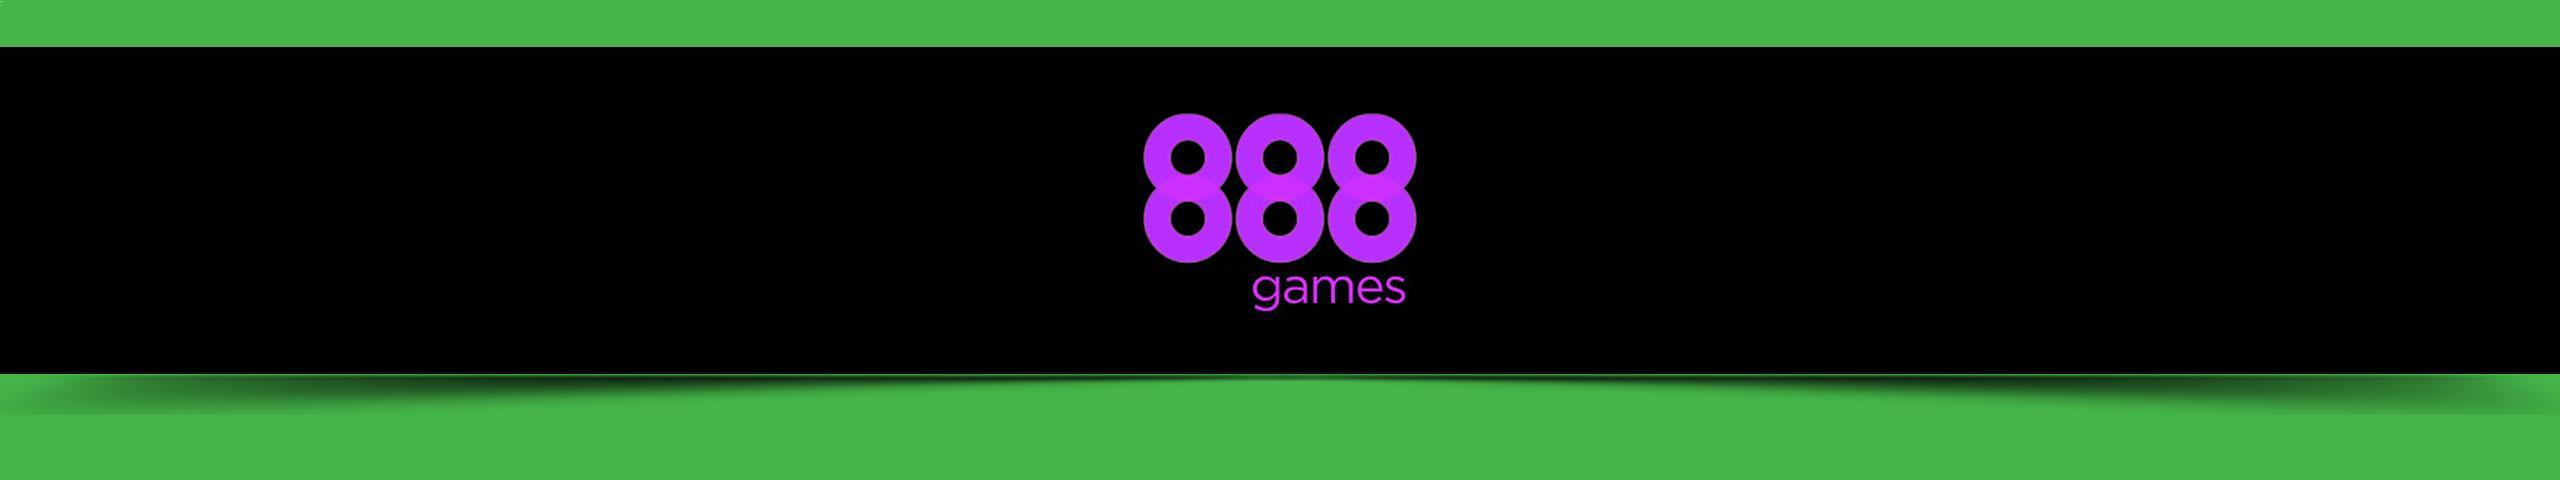 Vizualizarea Cazinoului 888games - Multabafta.com Slider